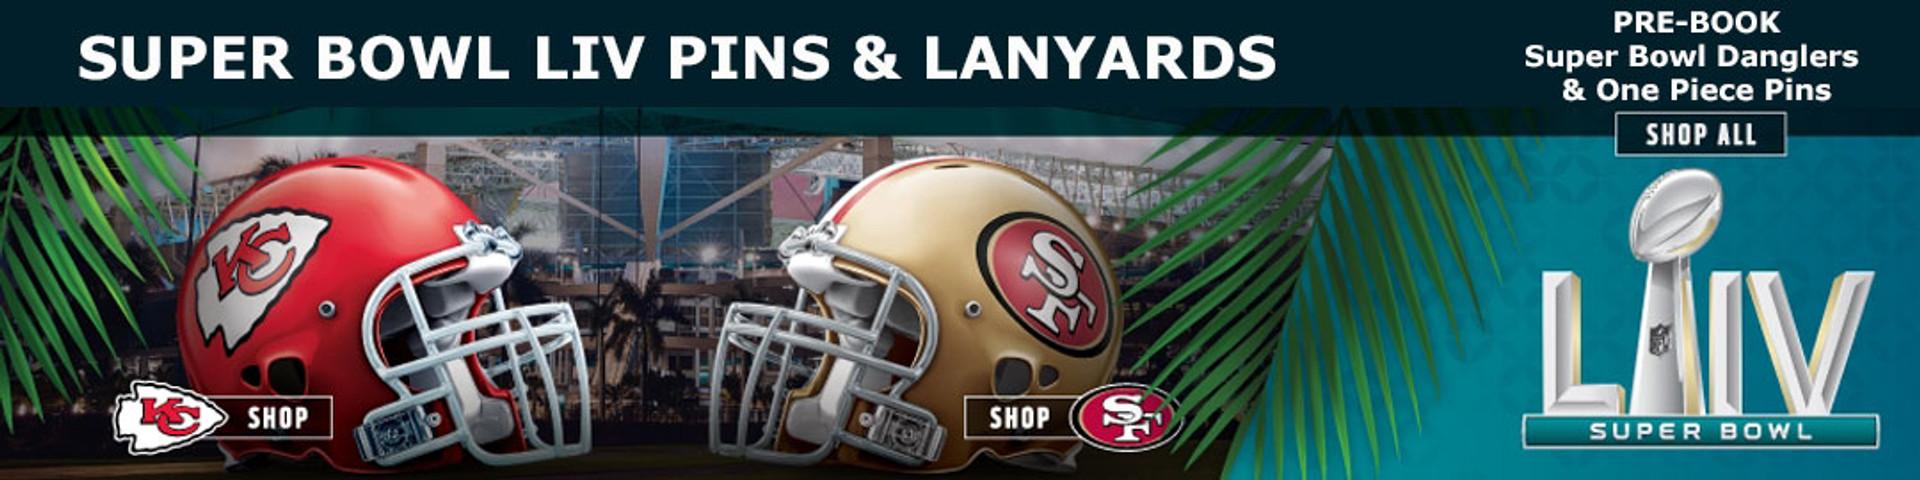 Super Bowl 54 pins and lanyards